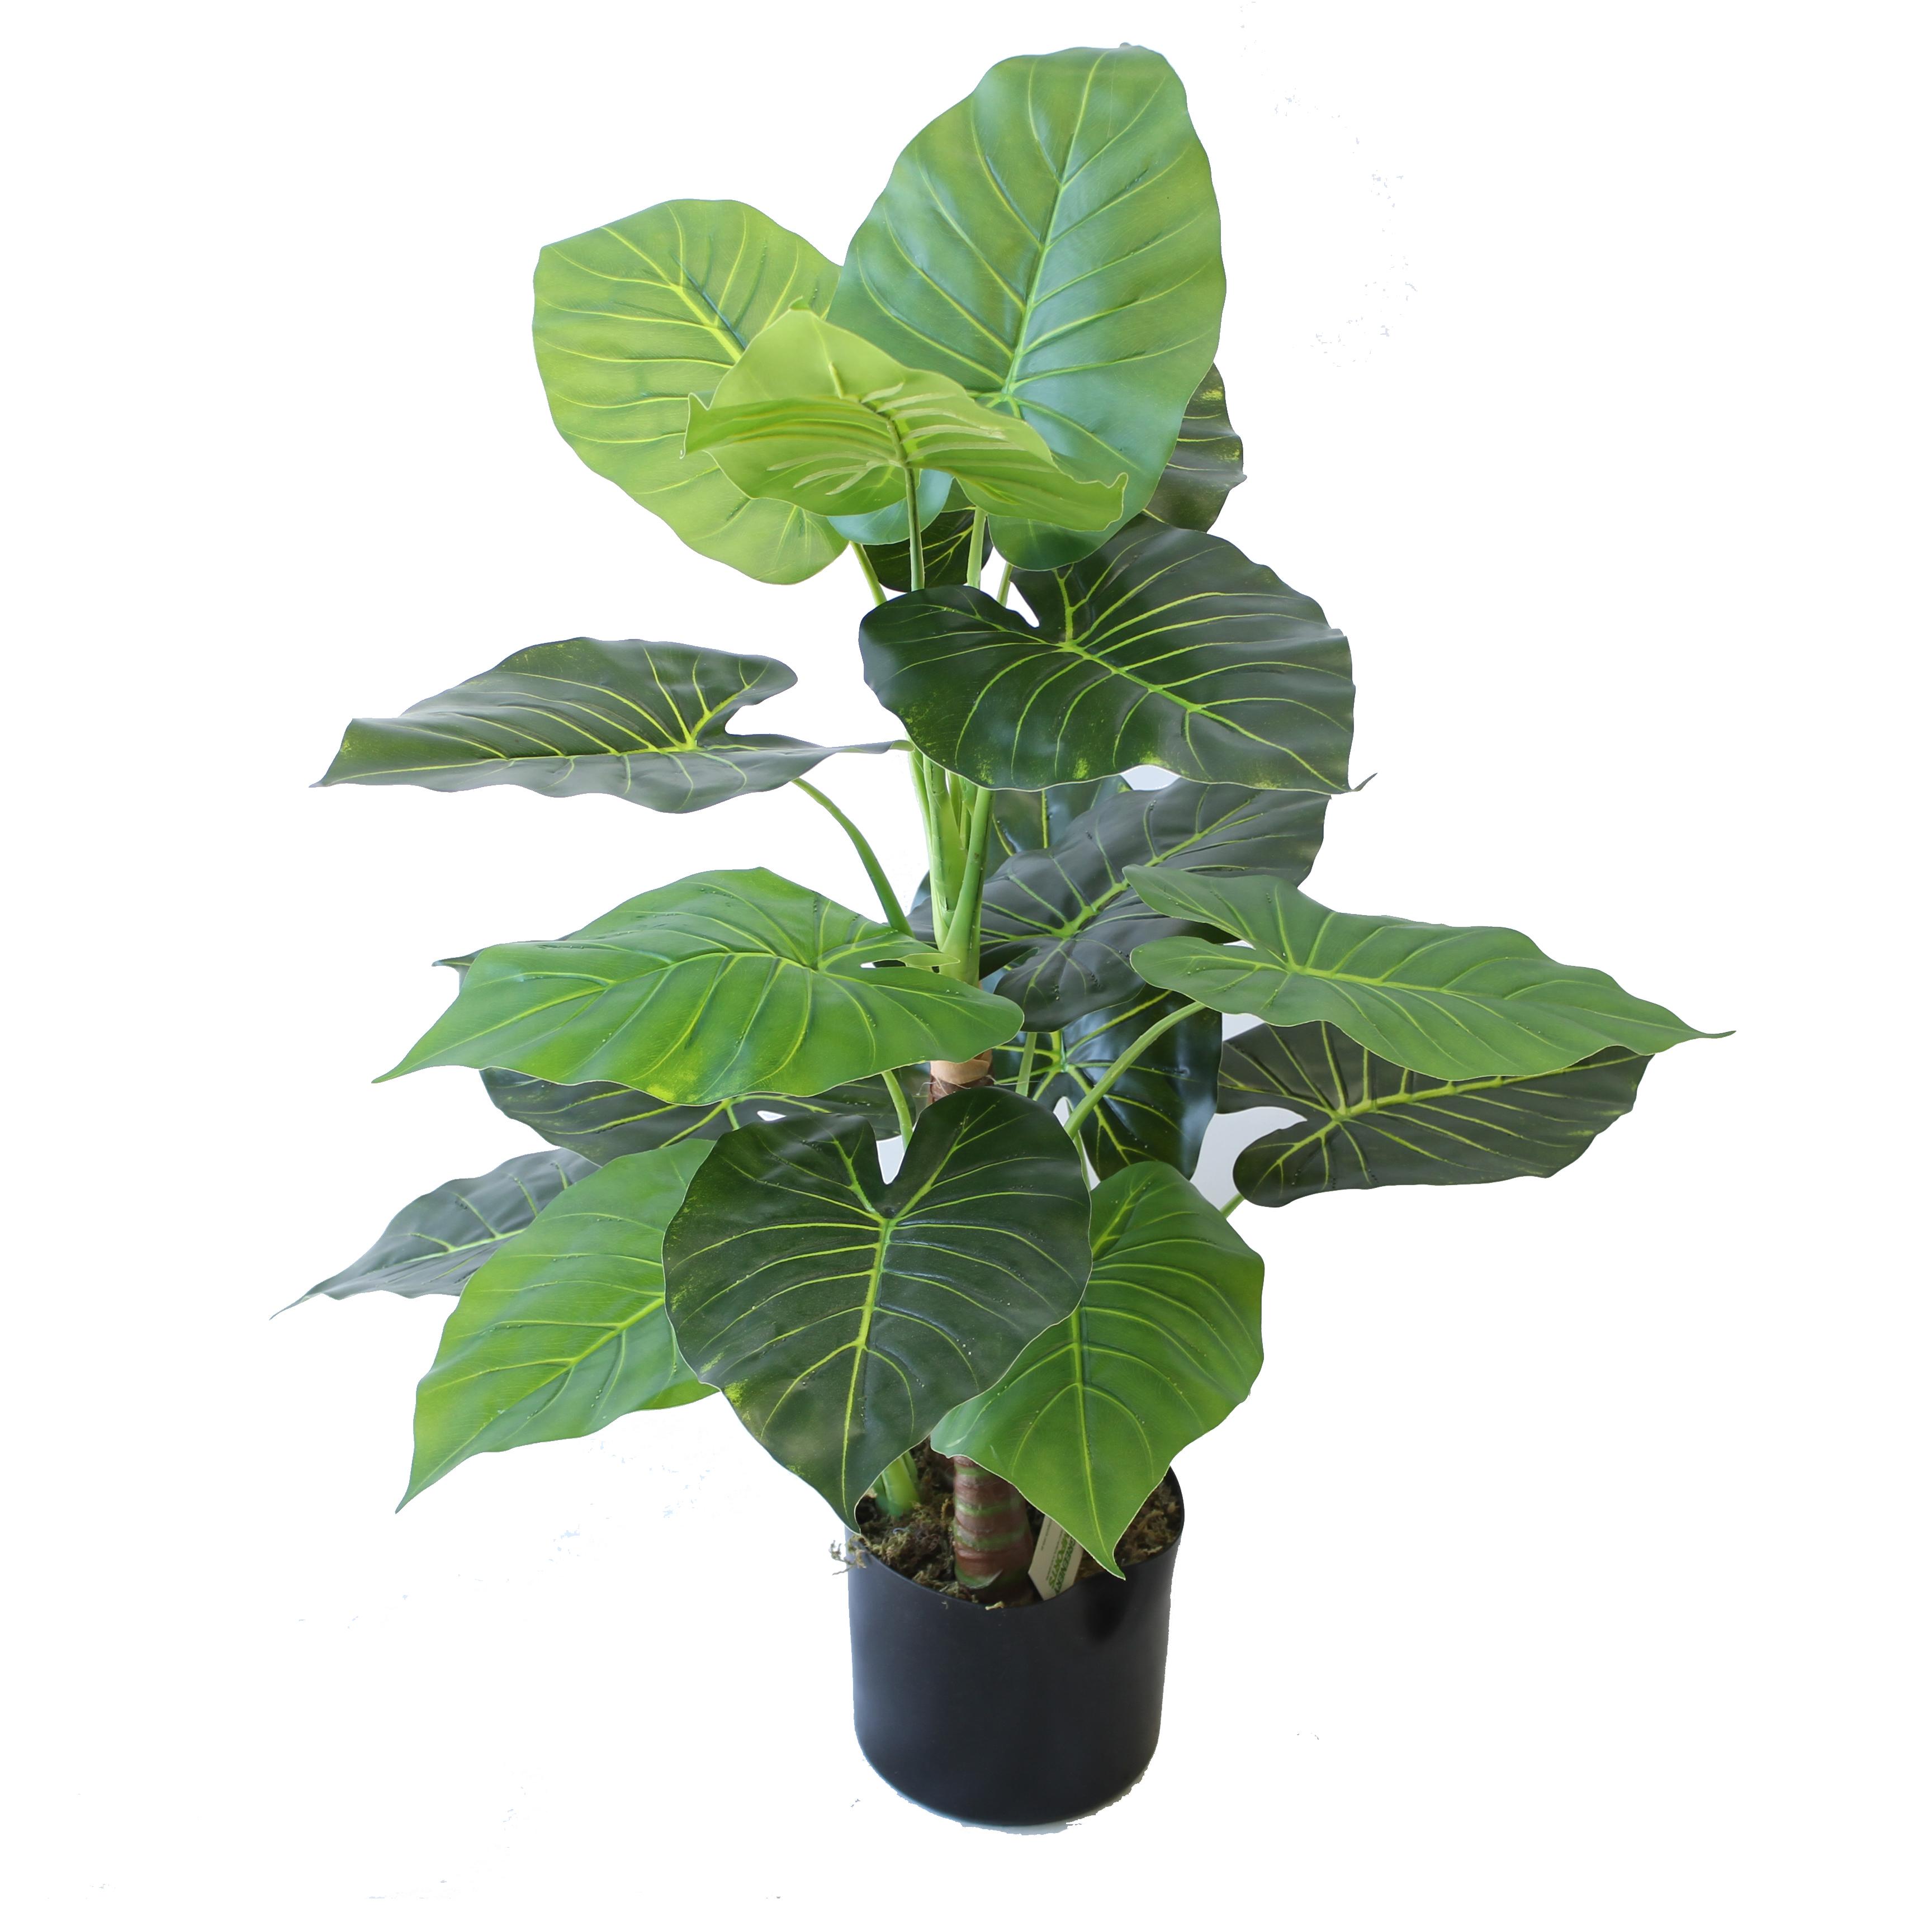 ARTIFICIAL CALADIUM PLANT